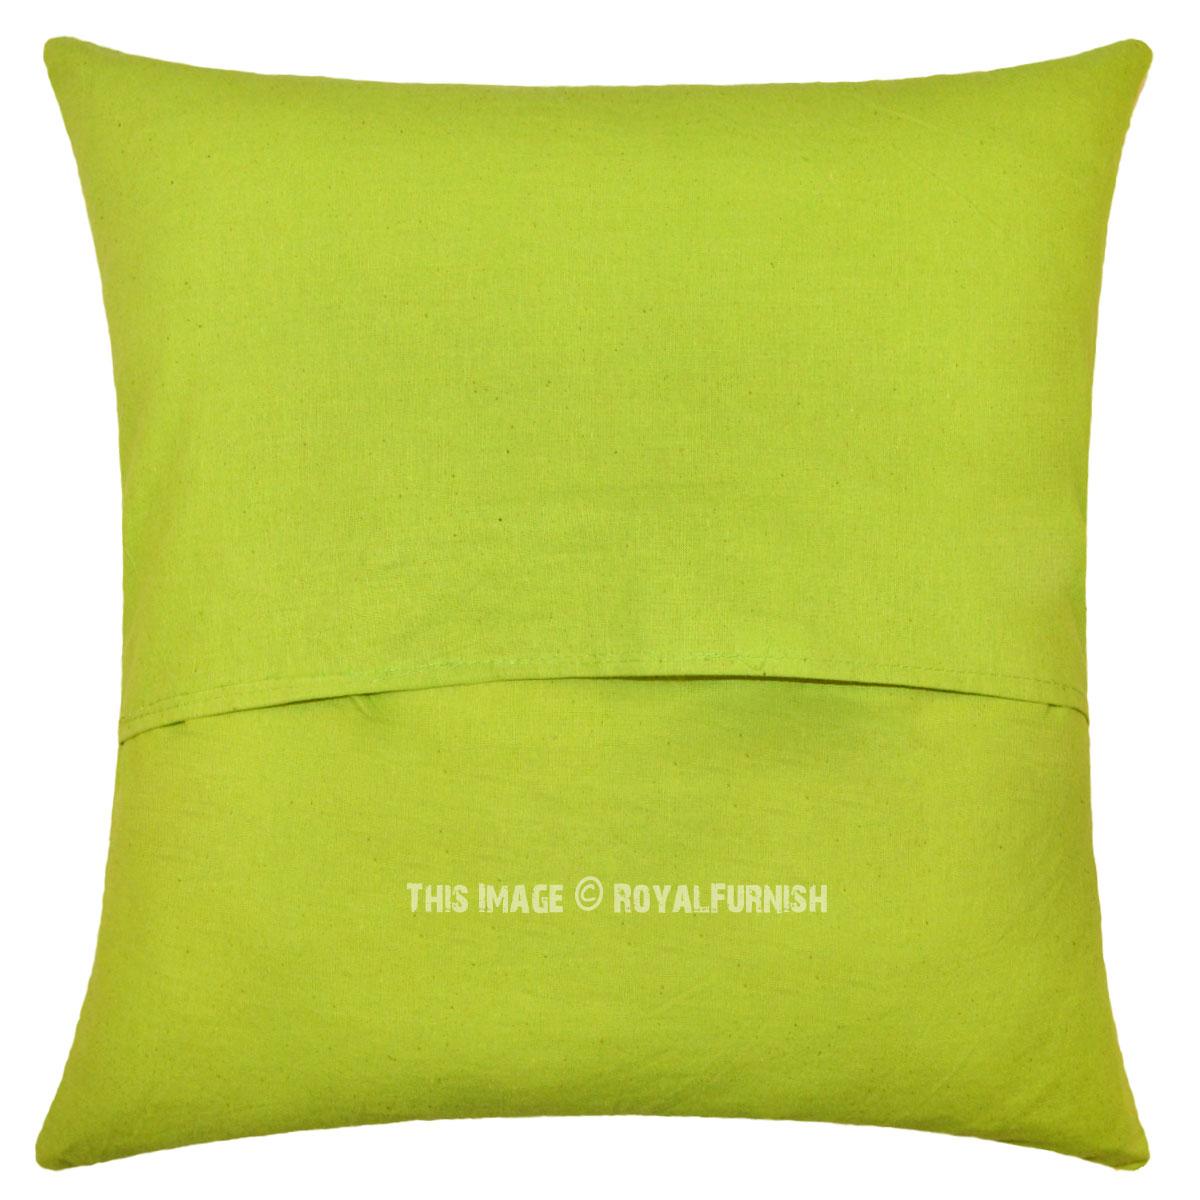 Light Green Decorative Pillow : 16